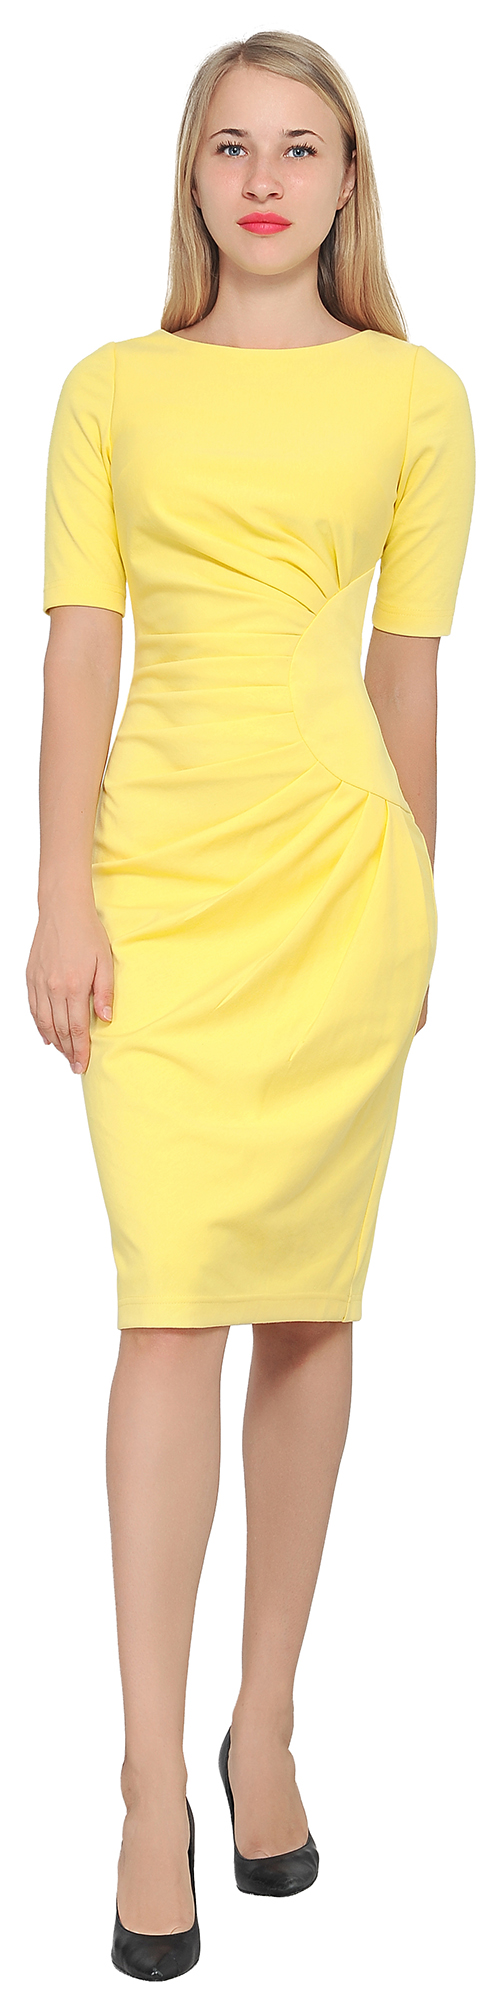 Sheath Midi Dress